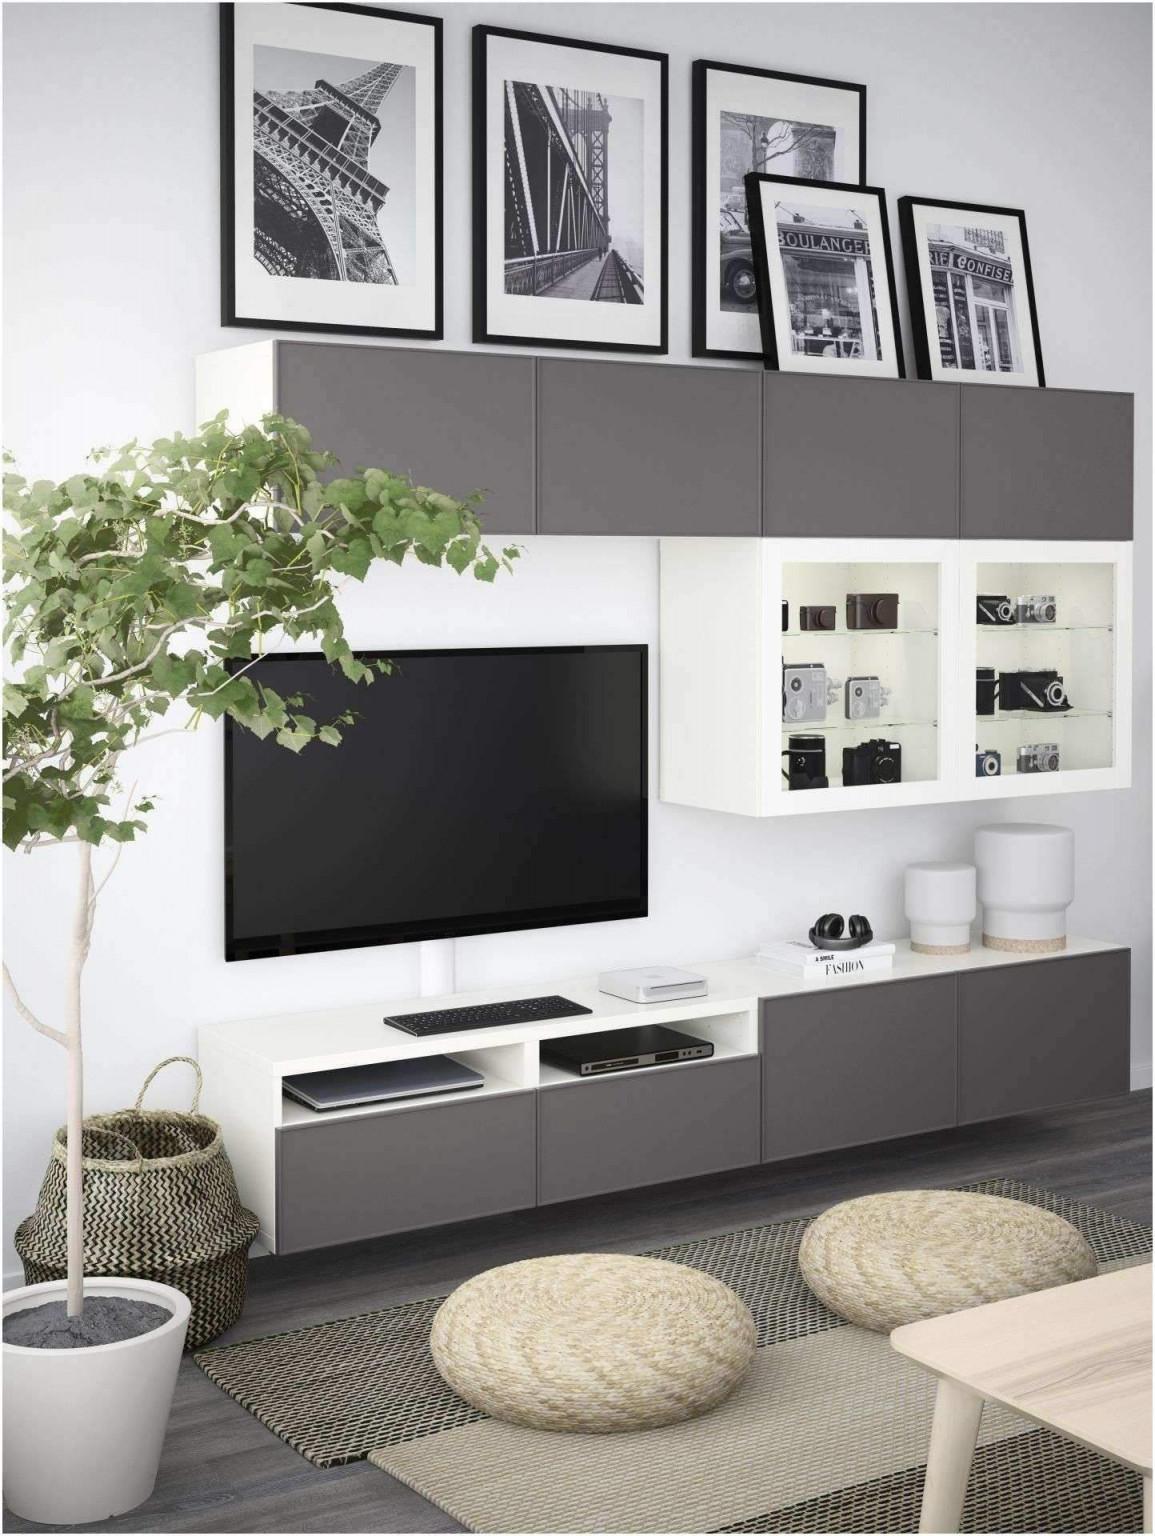 Kleines Wohnzimmer Ideen Neu 50 Luxus Von Wohnzimmer Klein von Wohnzimmer Ideen Klein Bild